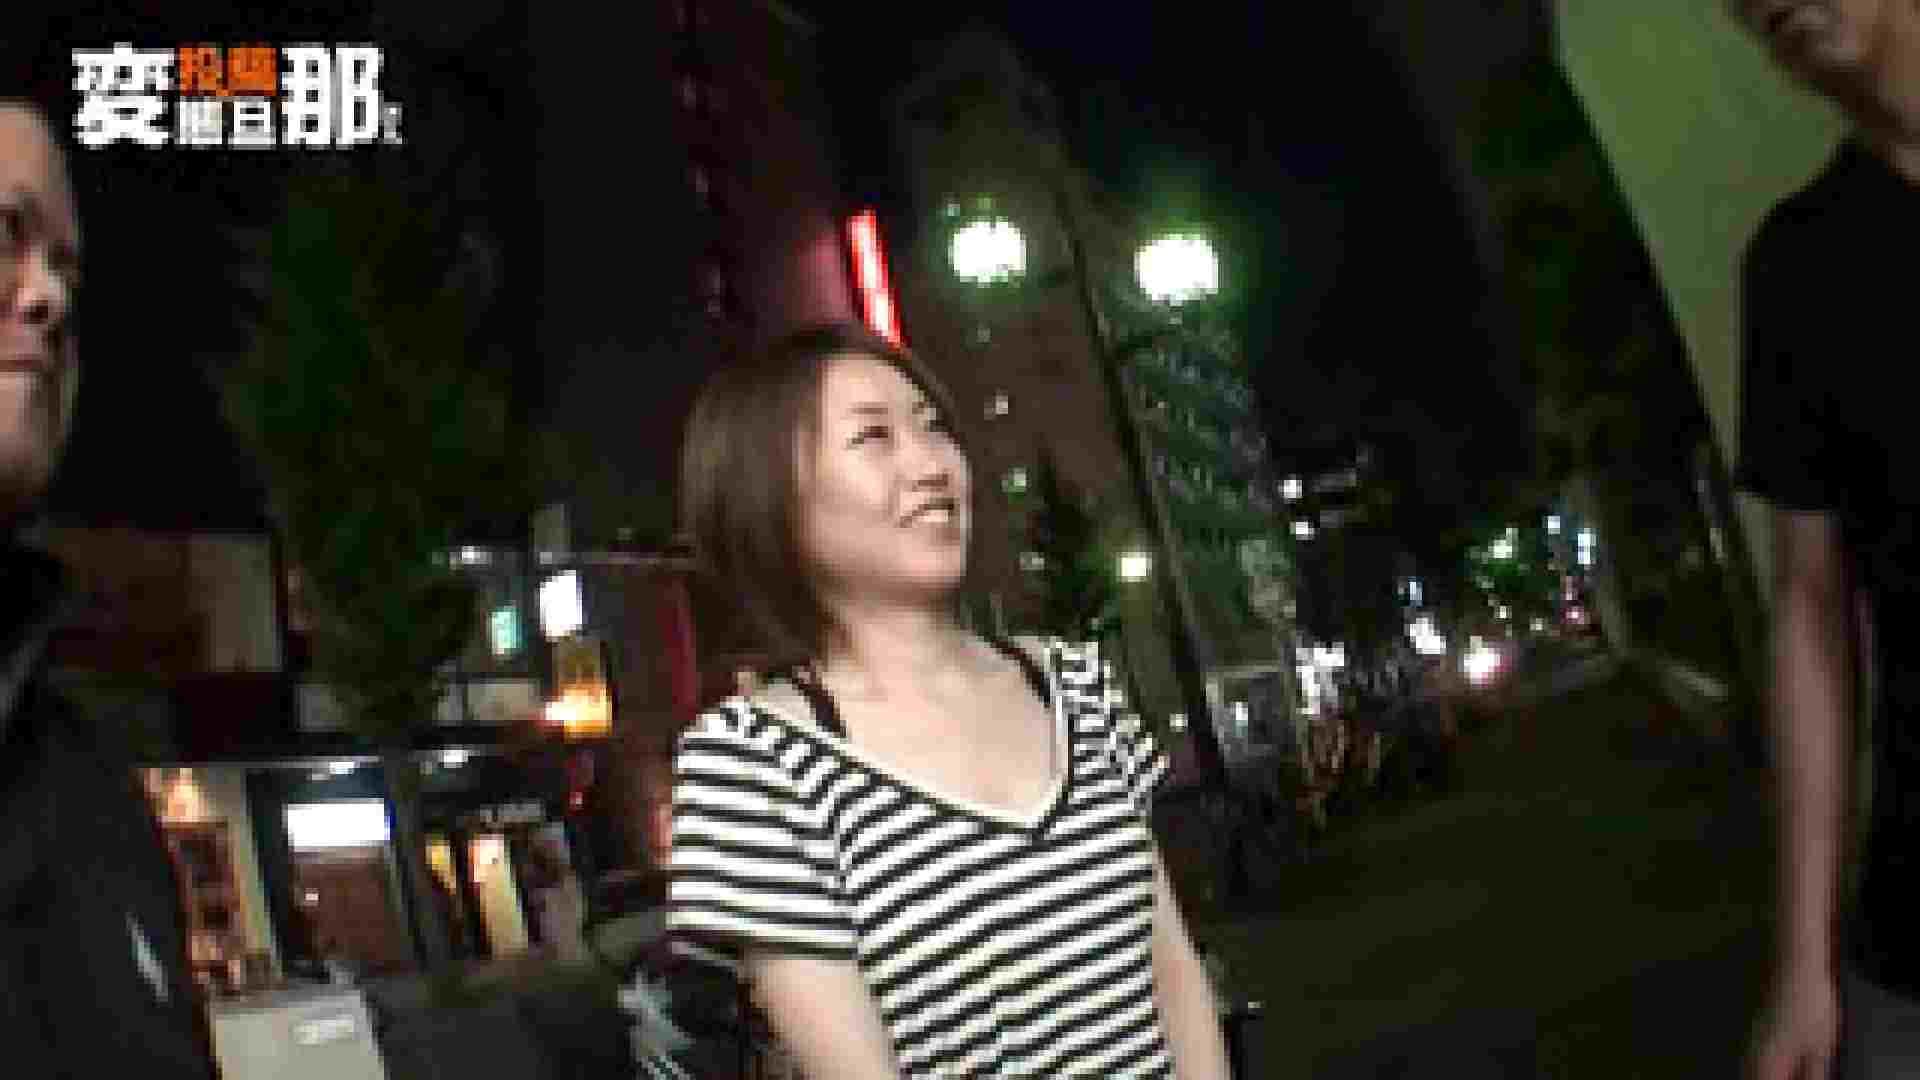 投稿作品 変態旦那さんの出会い系の男に妻を寝取らせる 一般投稿   出会い系  65画像 15